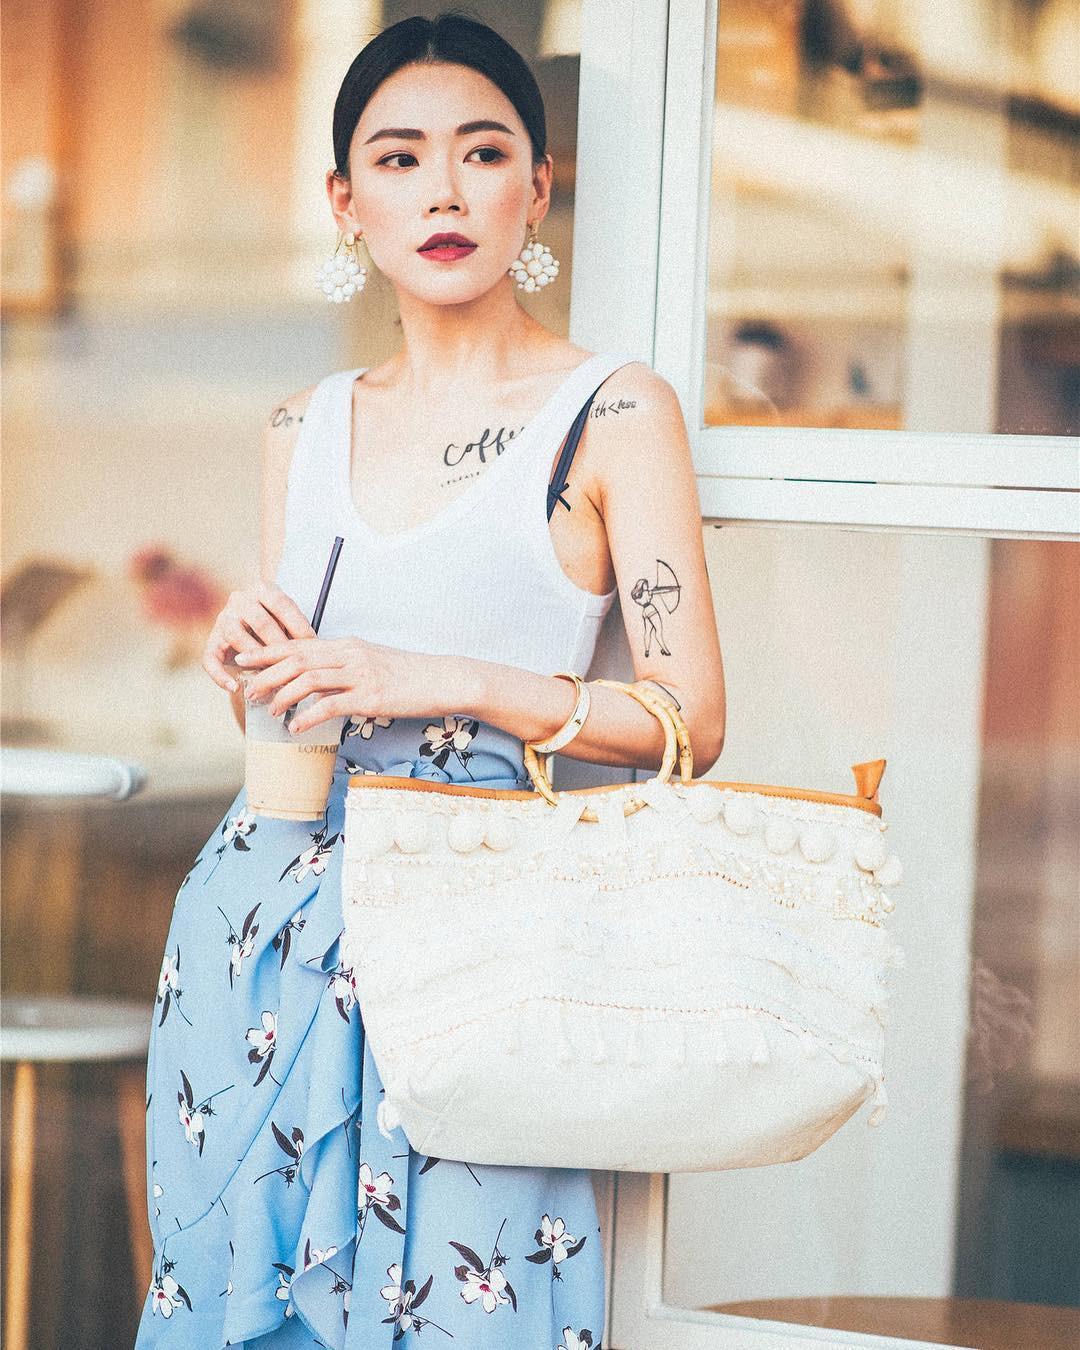 Mũ cói chống nắng được các quý cô Châu Á sử dụng làm phụ kiện sống ảo trong street style tuần này - Ảnh 12.